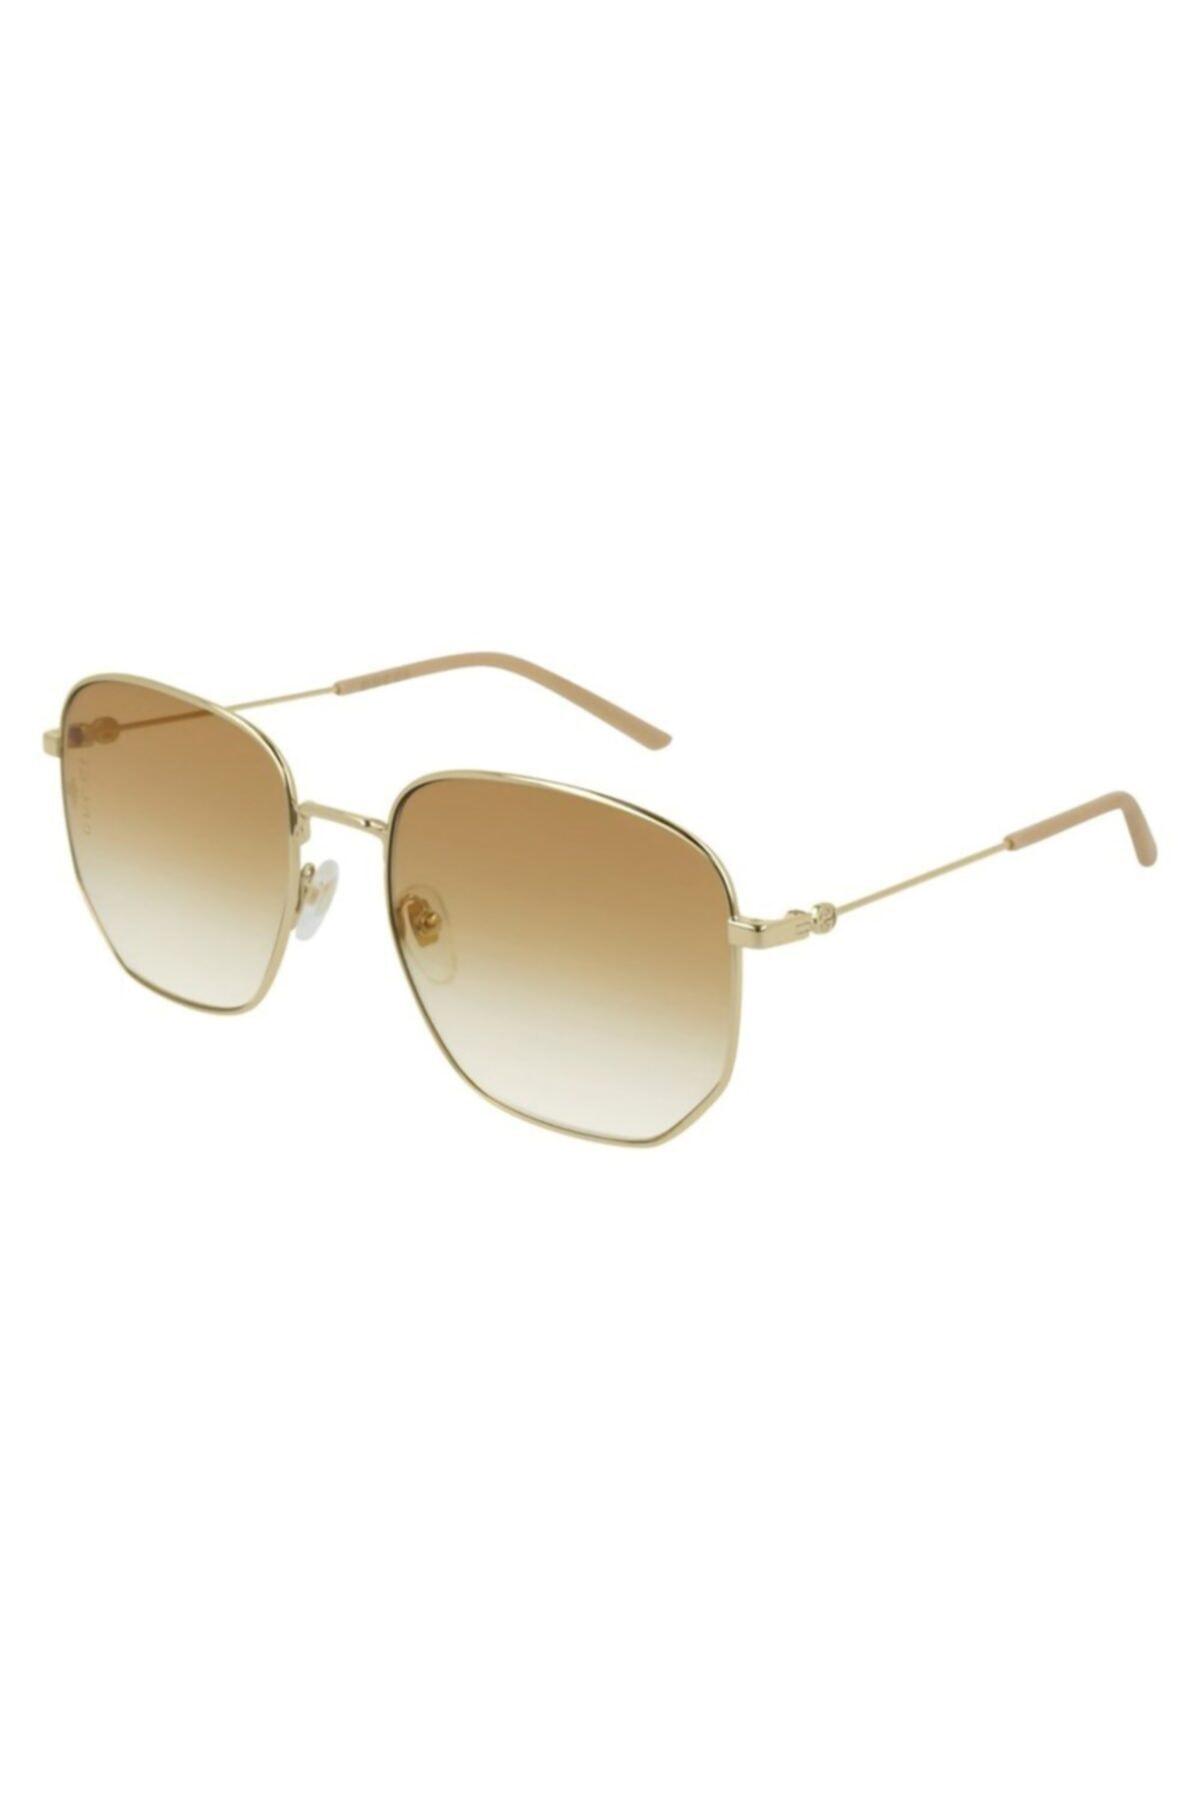 عینک آفتابی خاص زنانه برند گوچی رنگ طلایی ty87360129